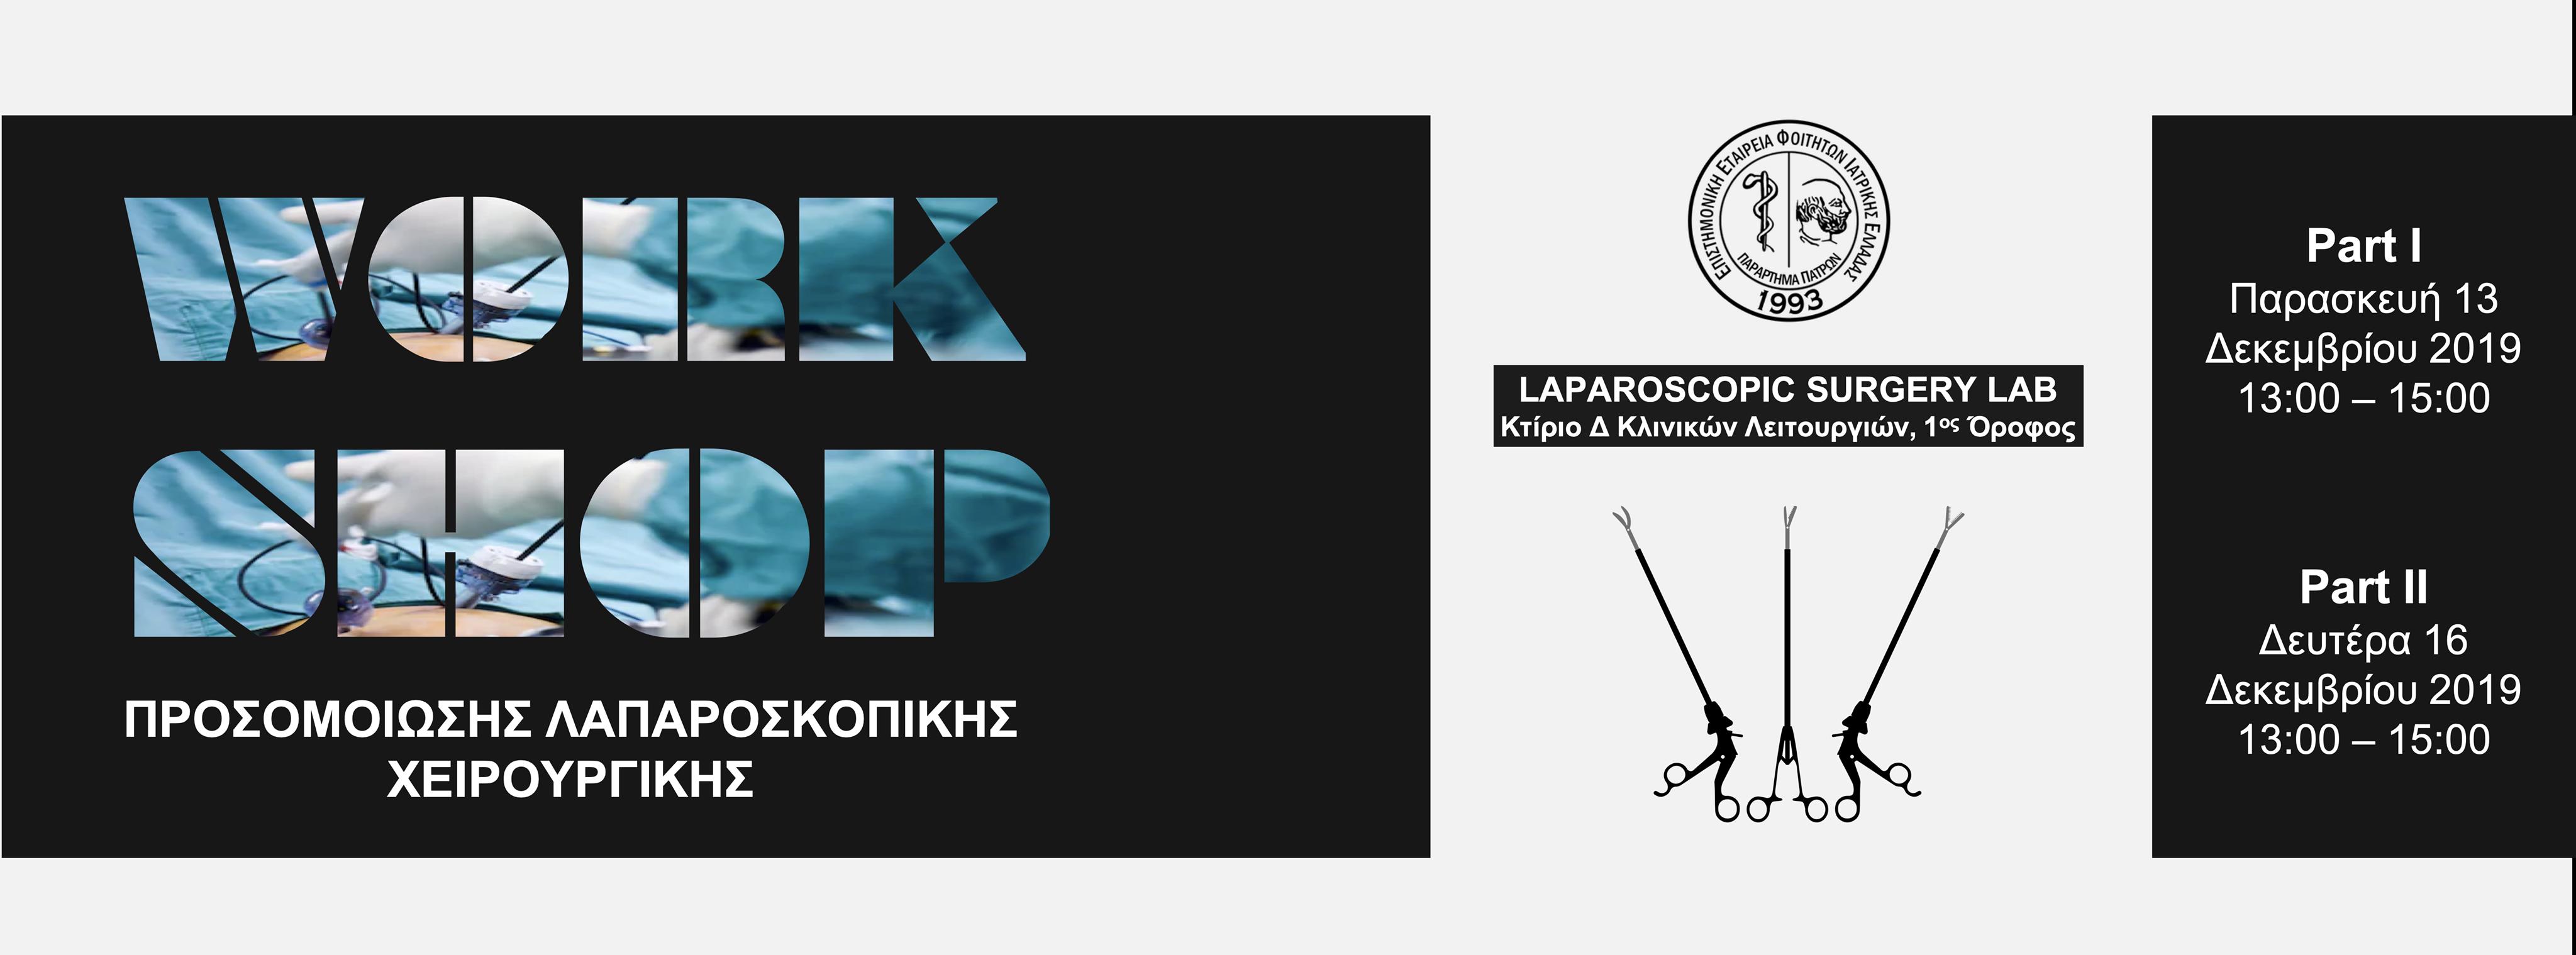 WORKSHOP   SIMULATION OF LAPAROSCOPIC SURGERY